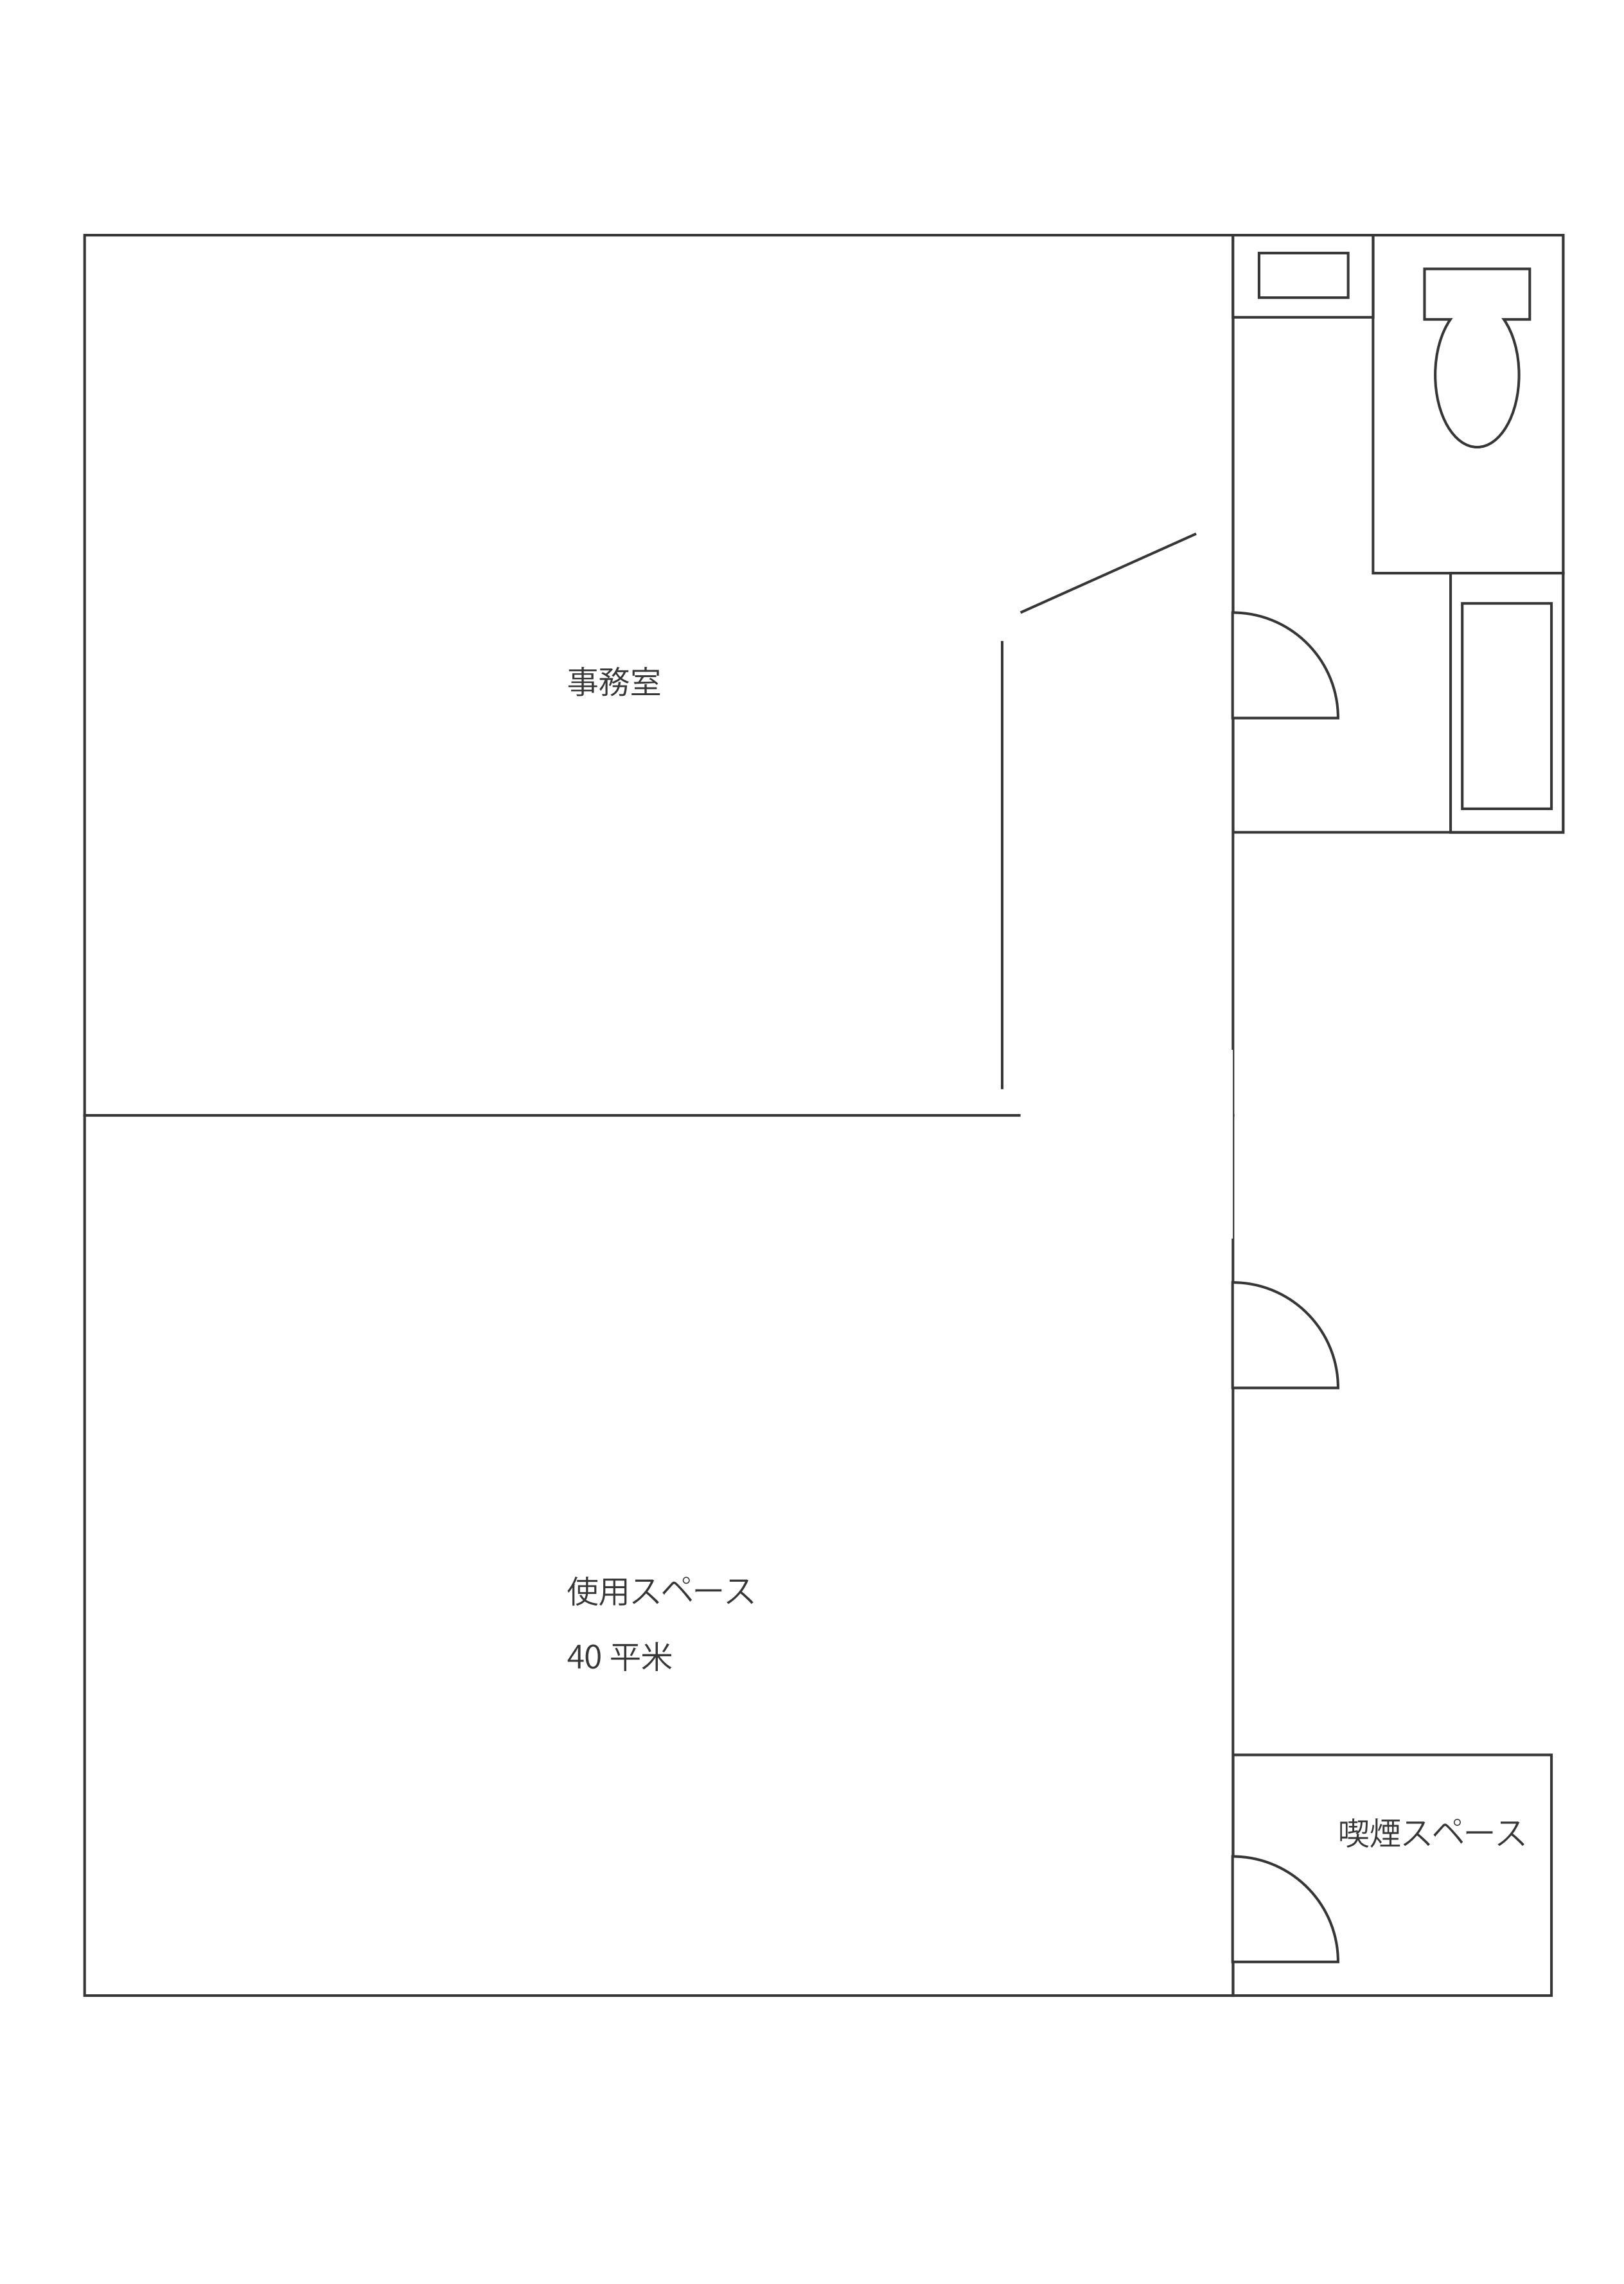 LIMレンタルスペース (ID:) 図面